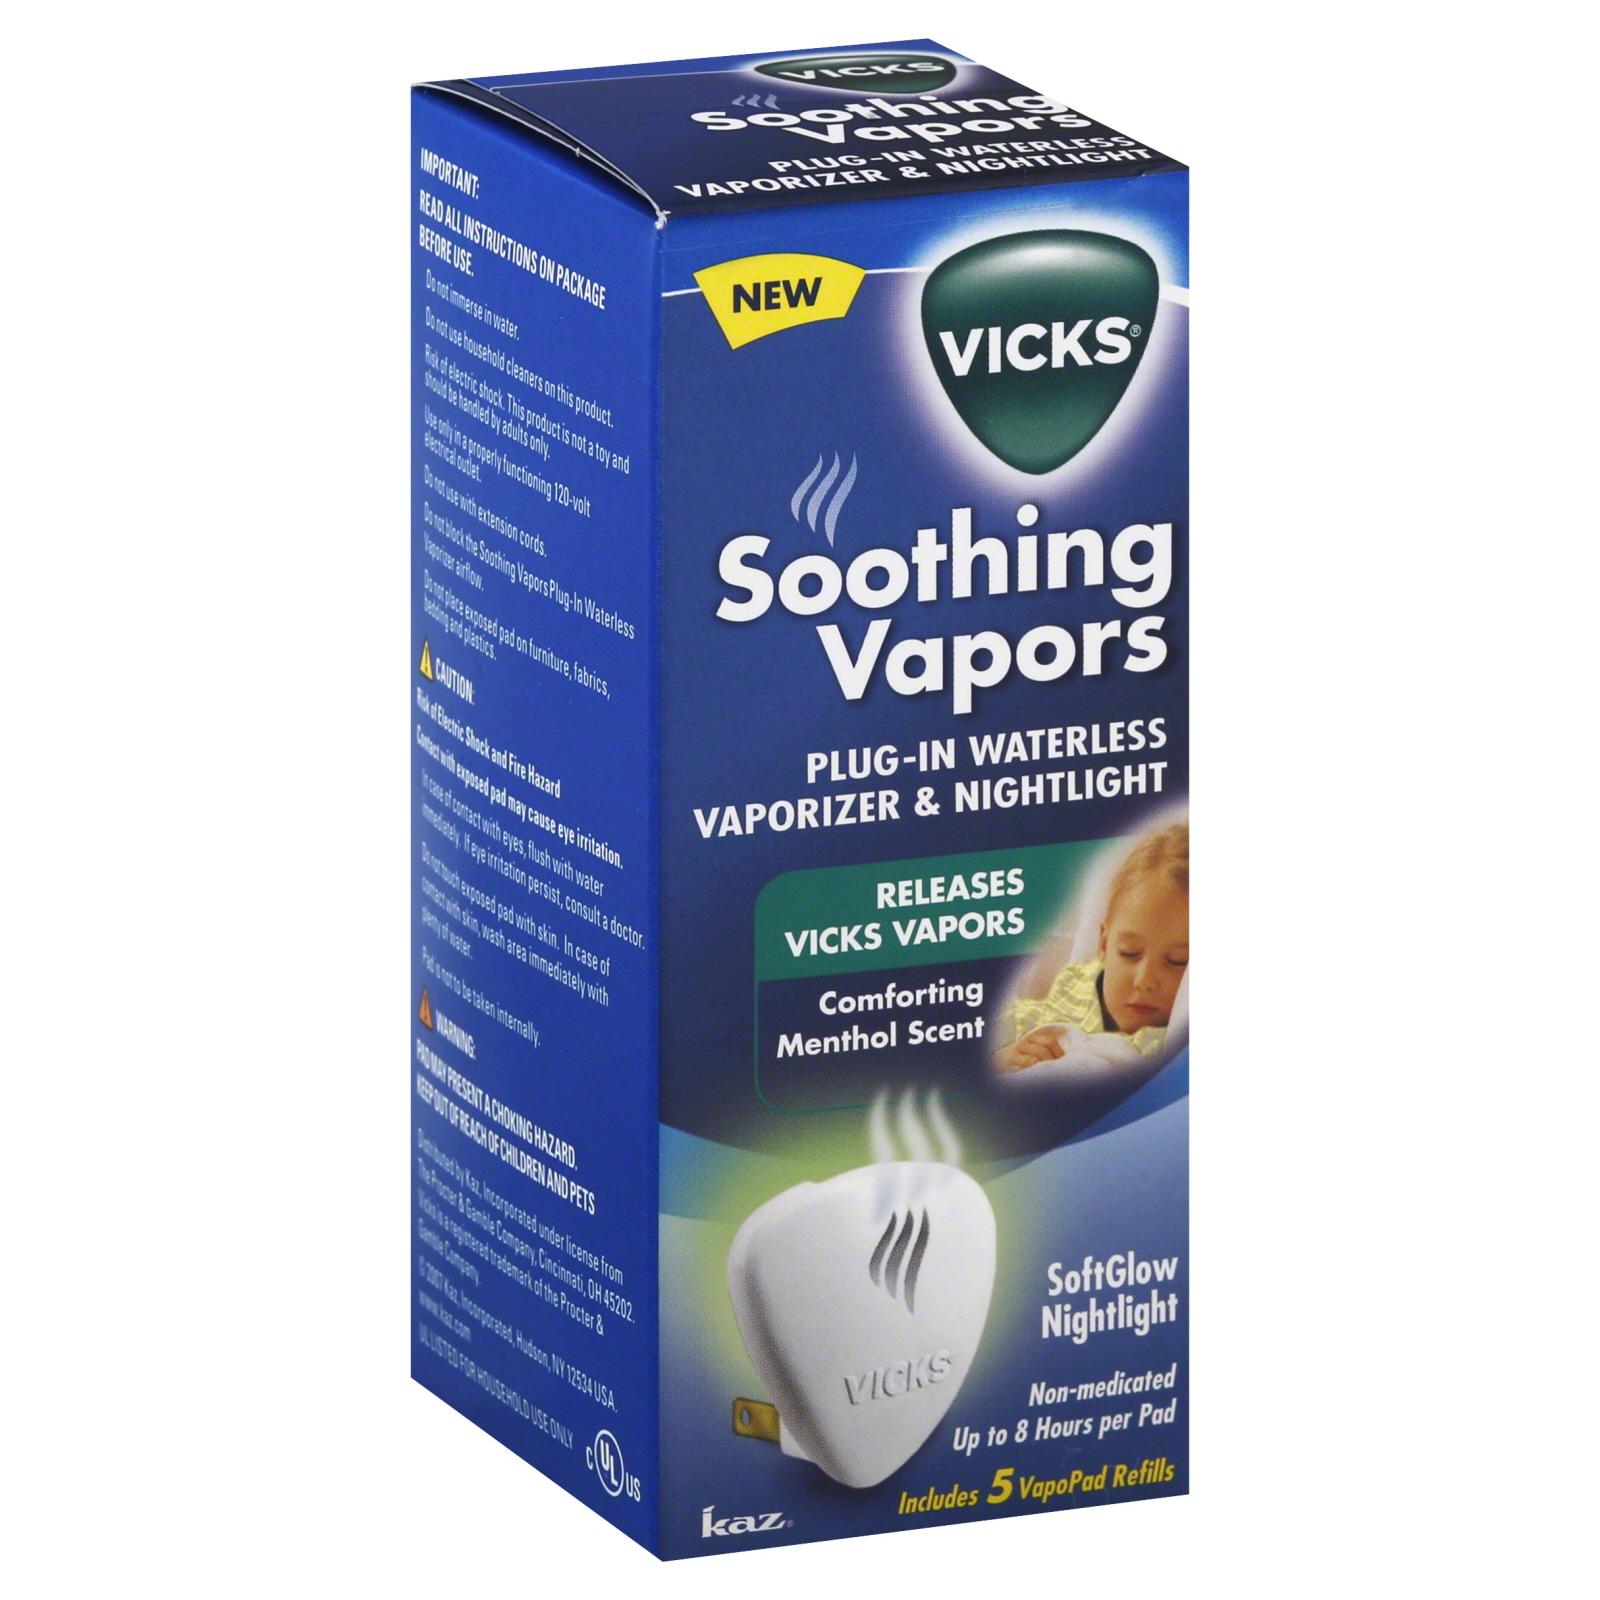 Vicks Soothing Vapors Vaporizer Nightlight Plug In Waterless 1 Each